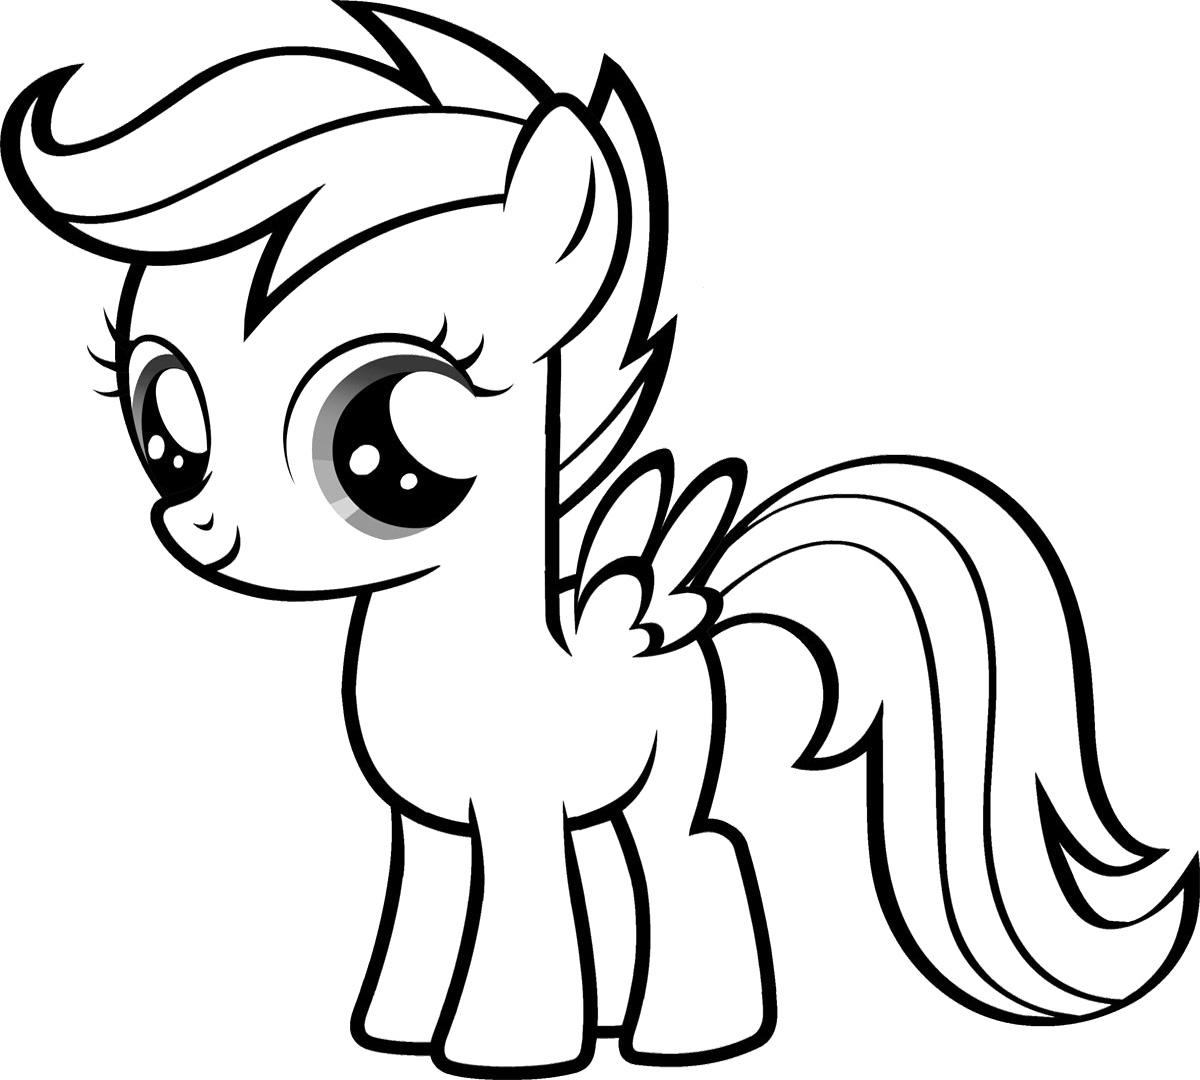 Tải tranh tô màu Pony siêu đáng yêu dành cho bé | Ngựa pony 96